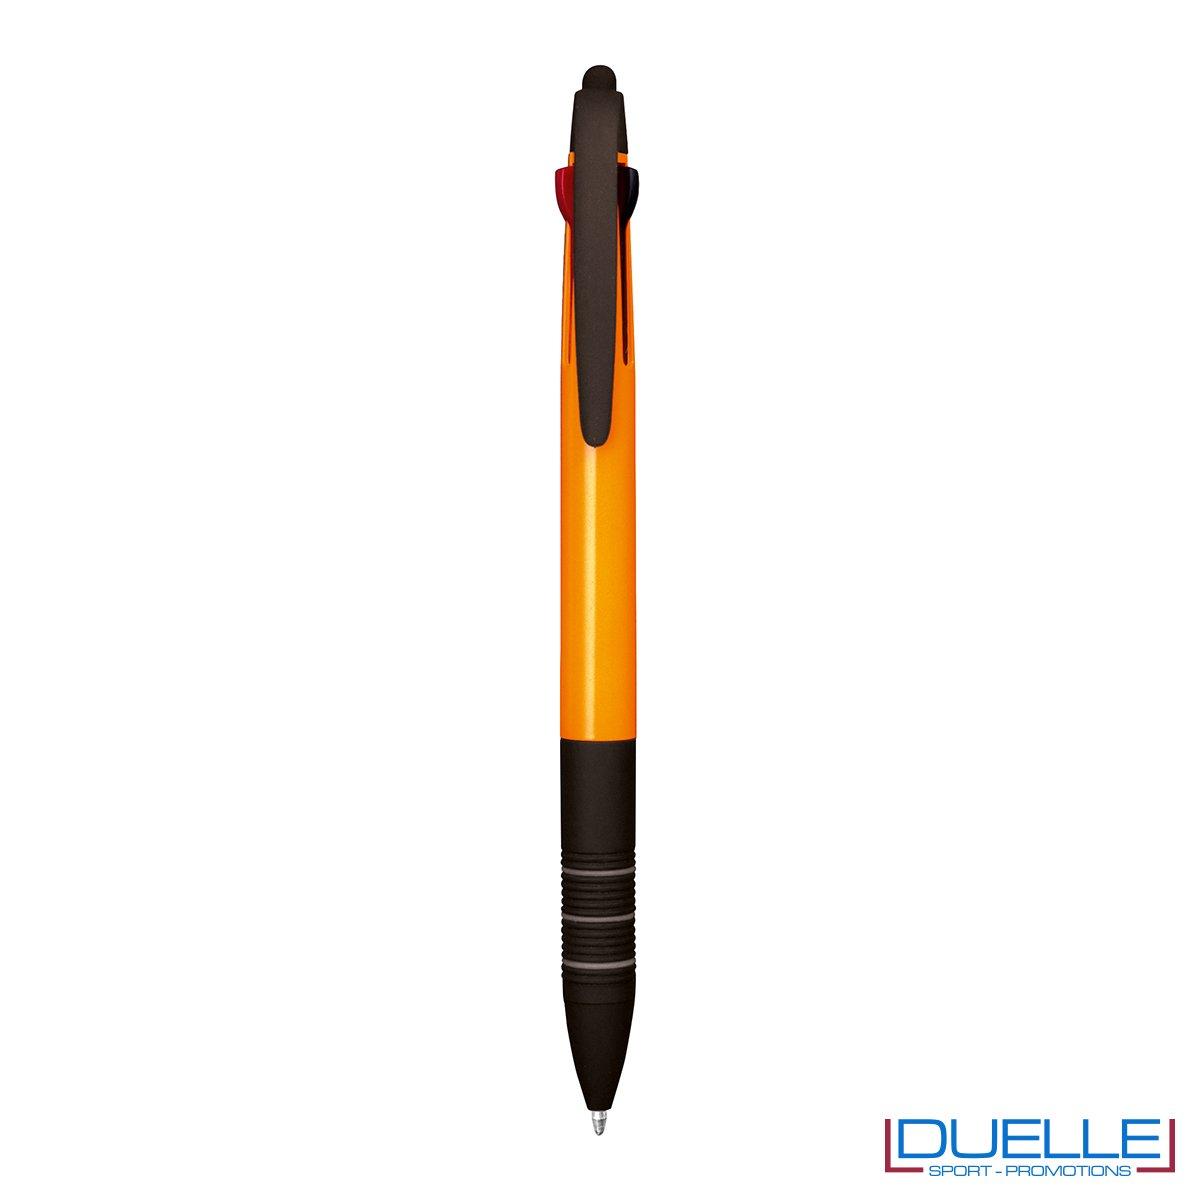 Penna personalizzata fluo touch screen colore arancione